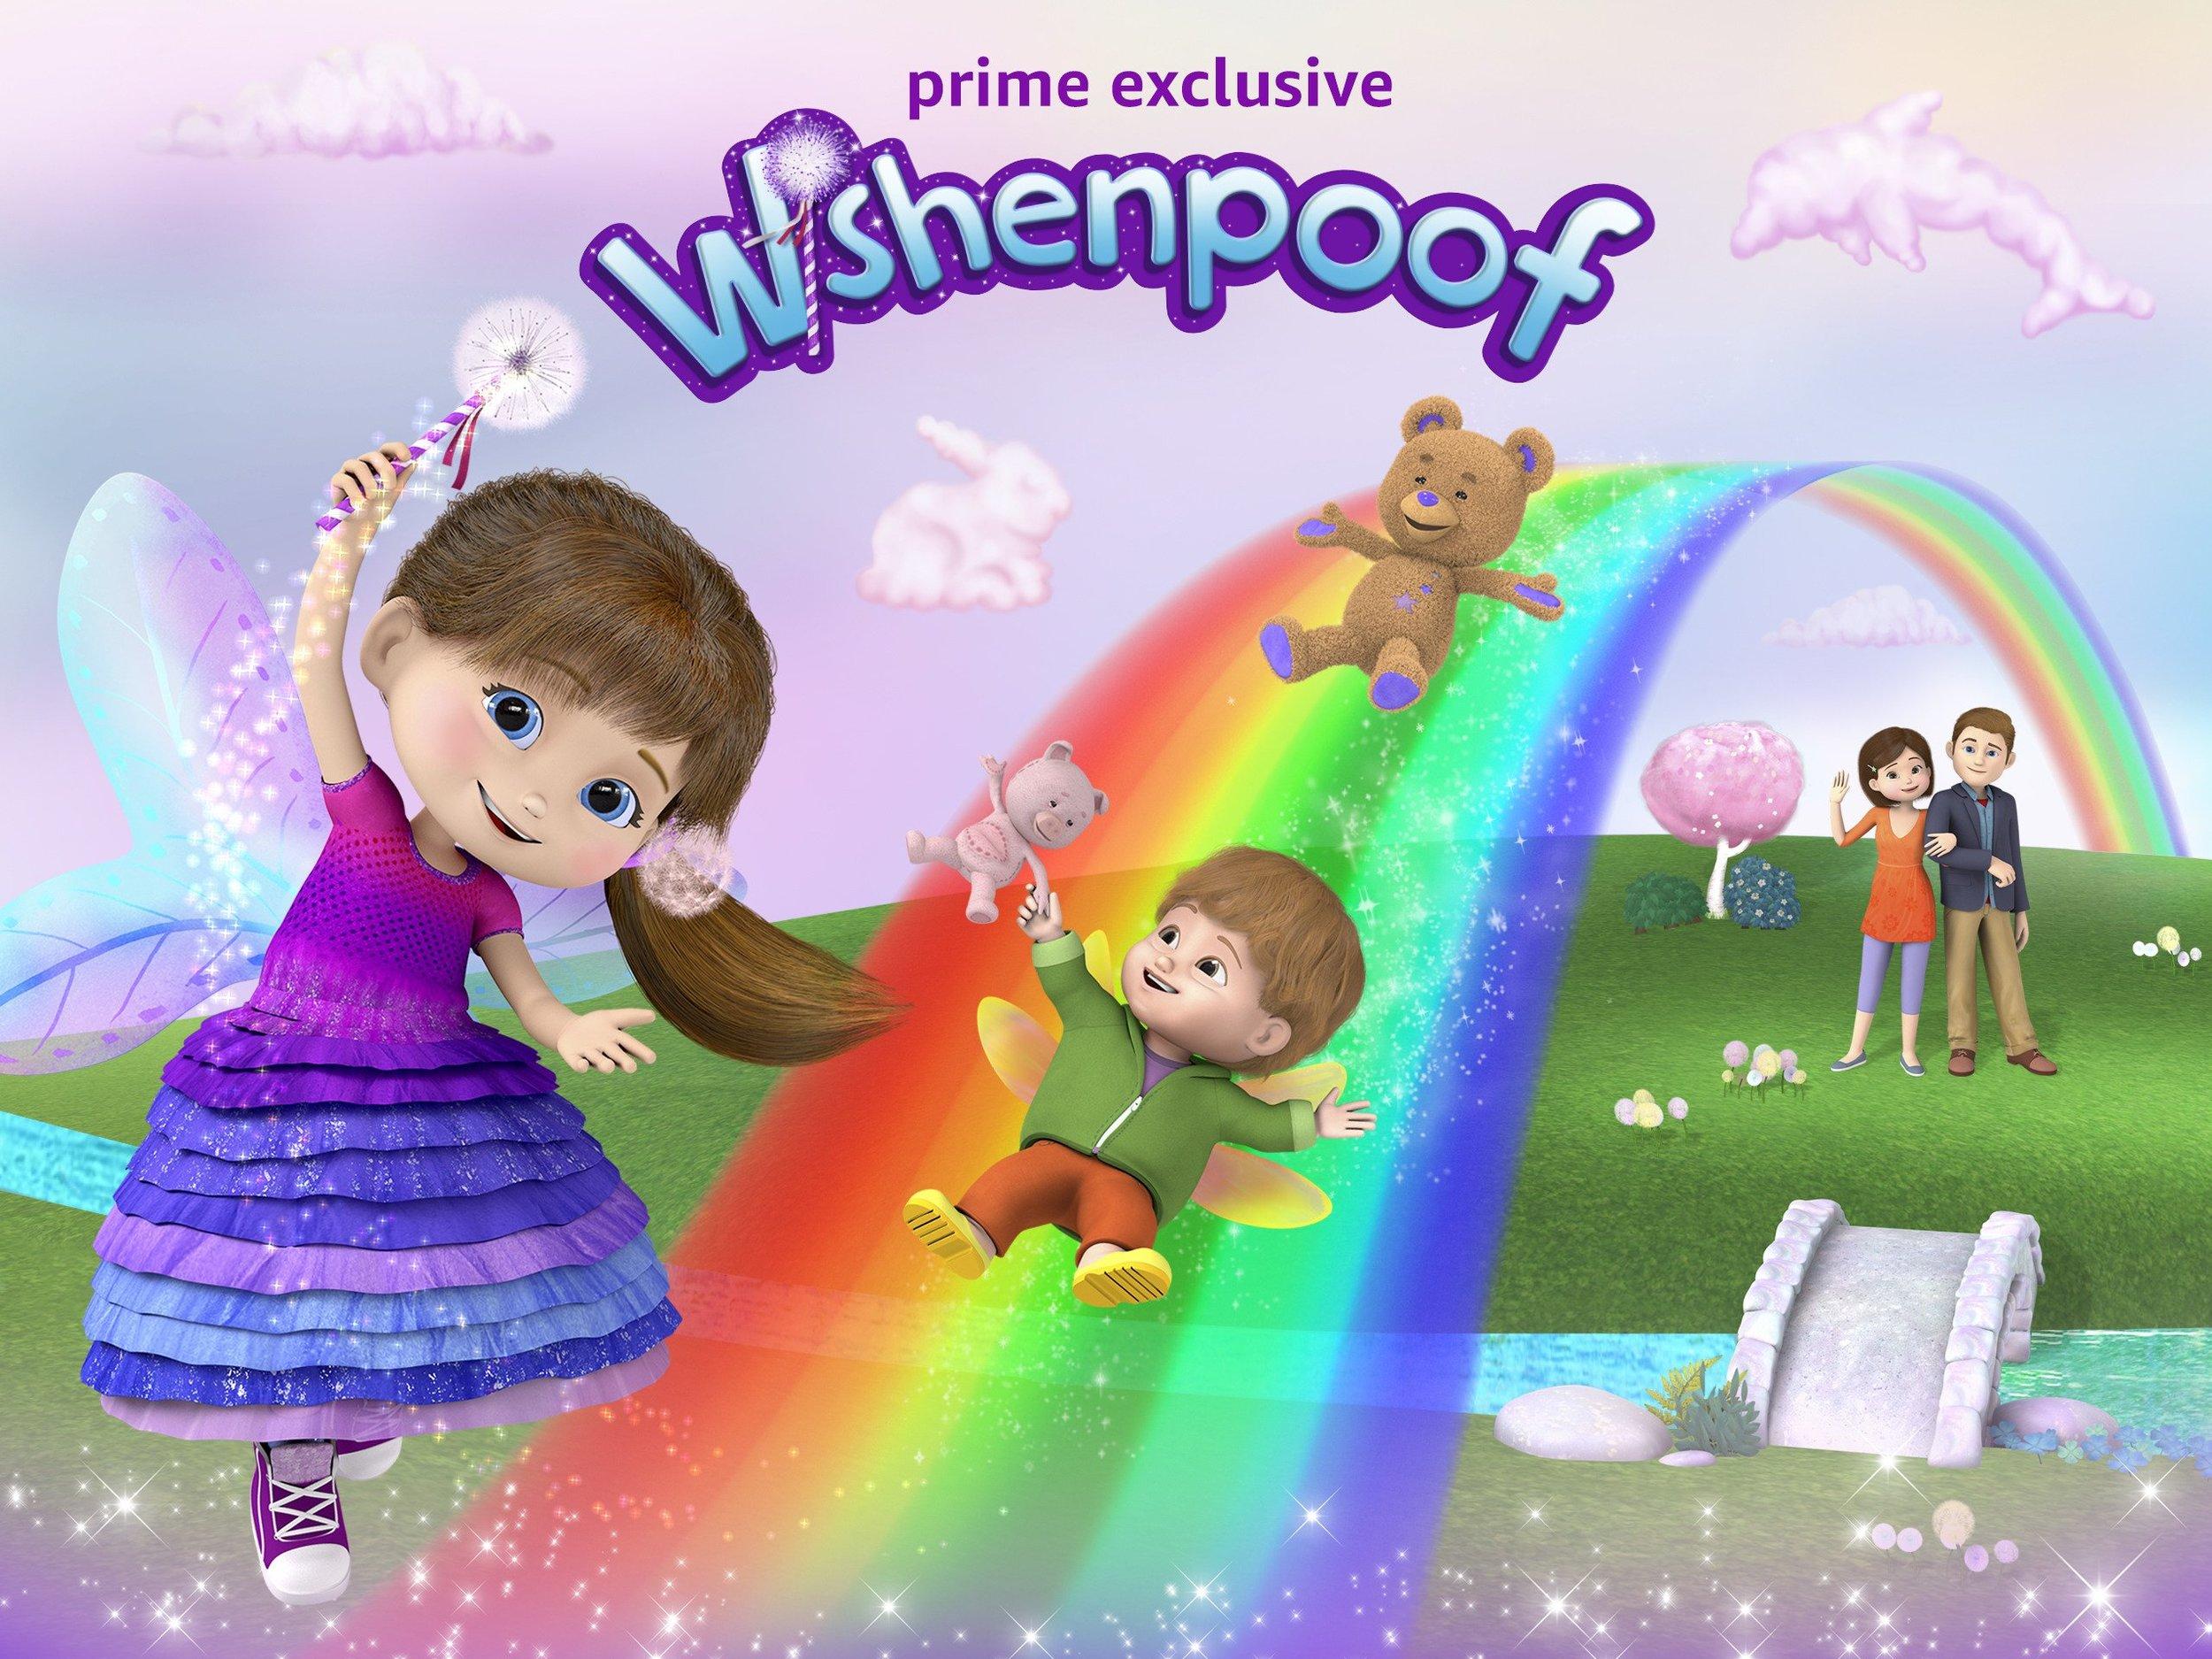 Wishenpoof Art and Art Direction